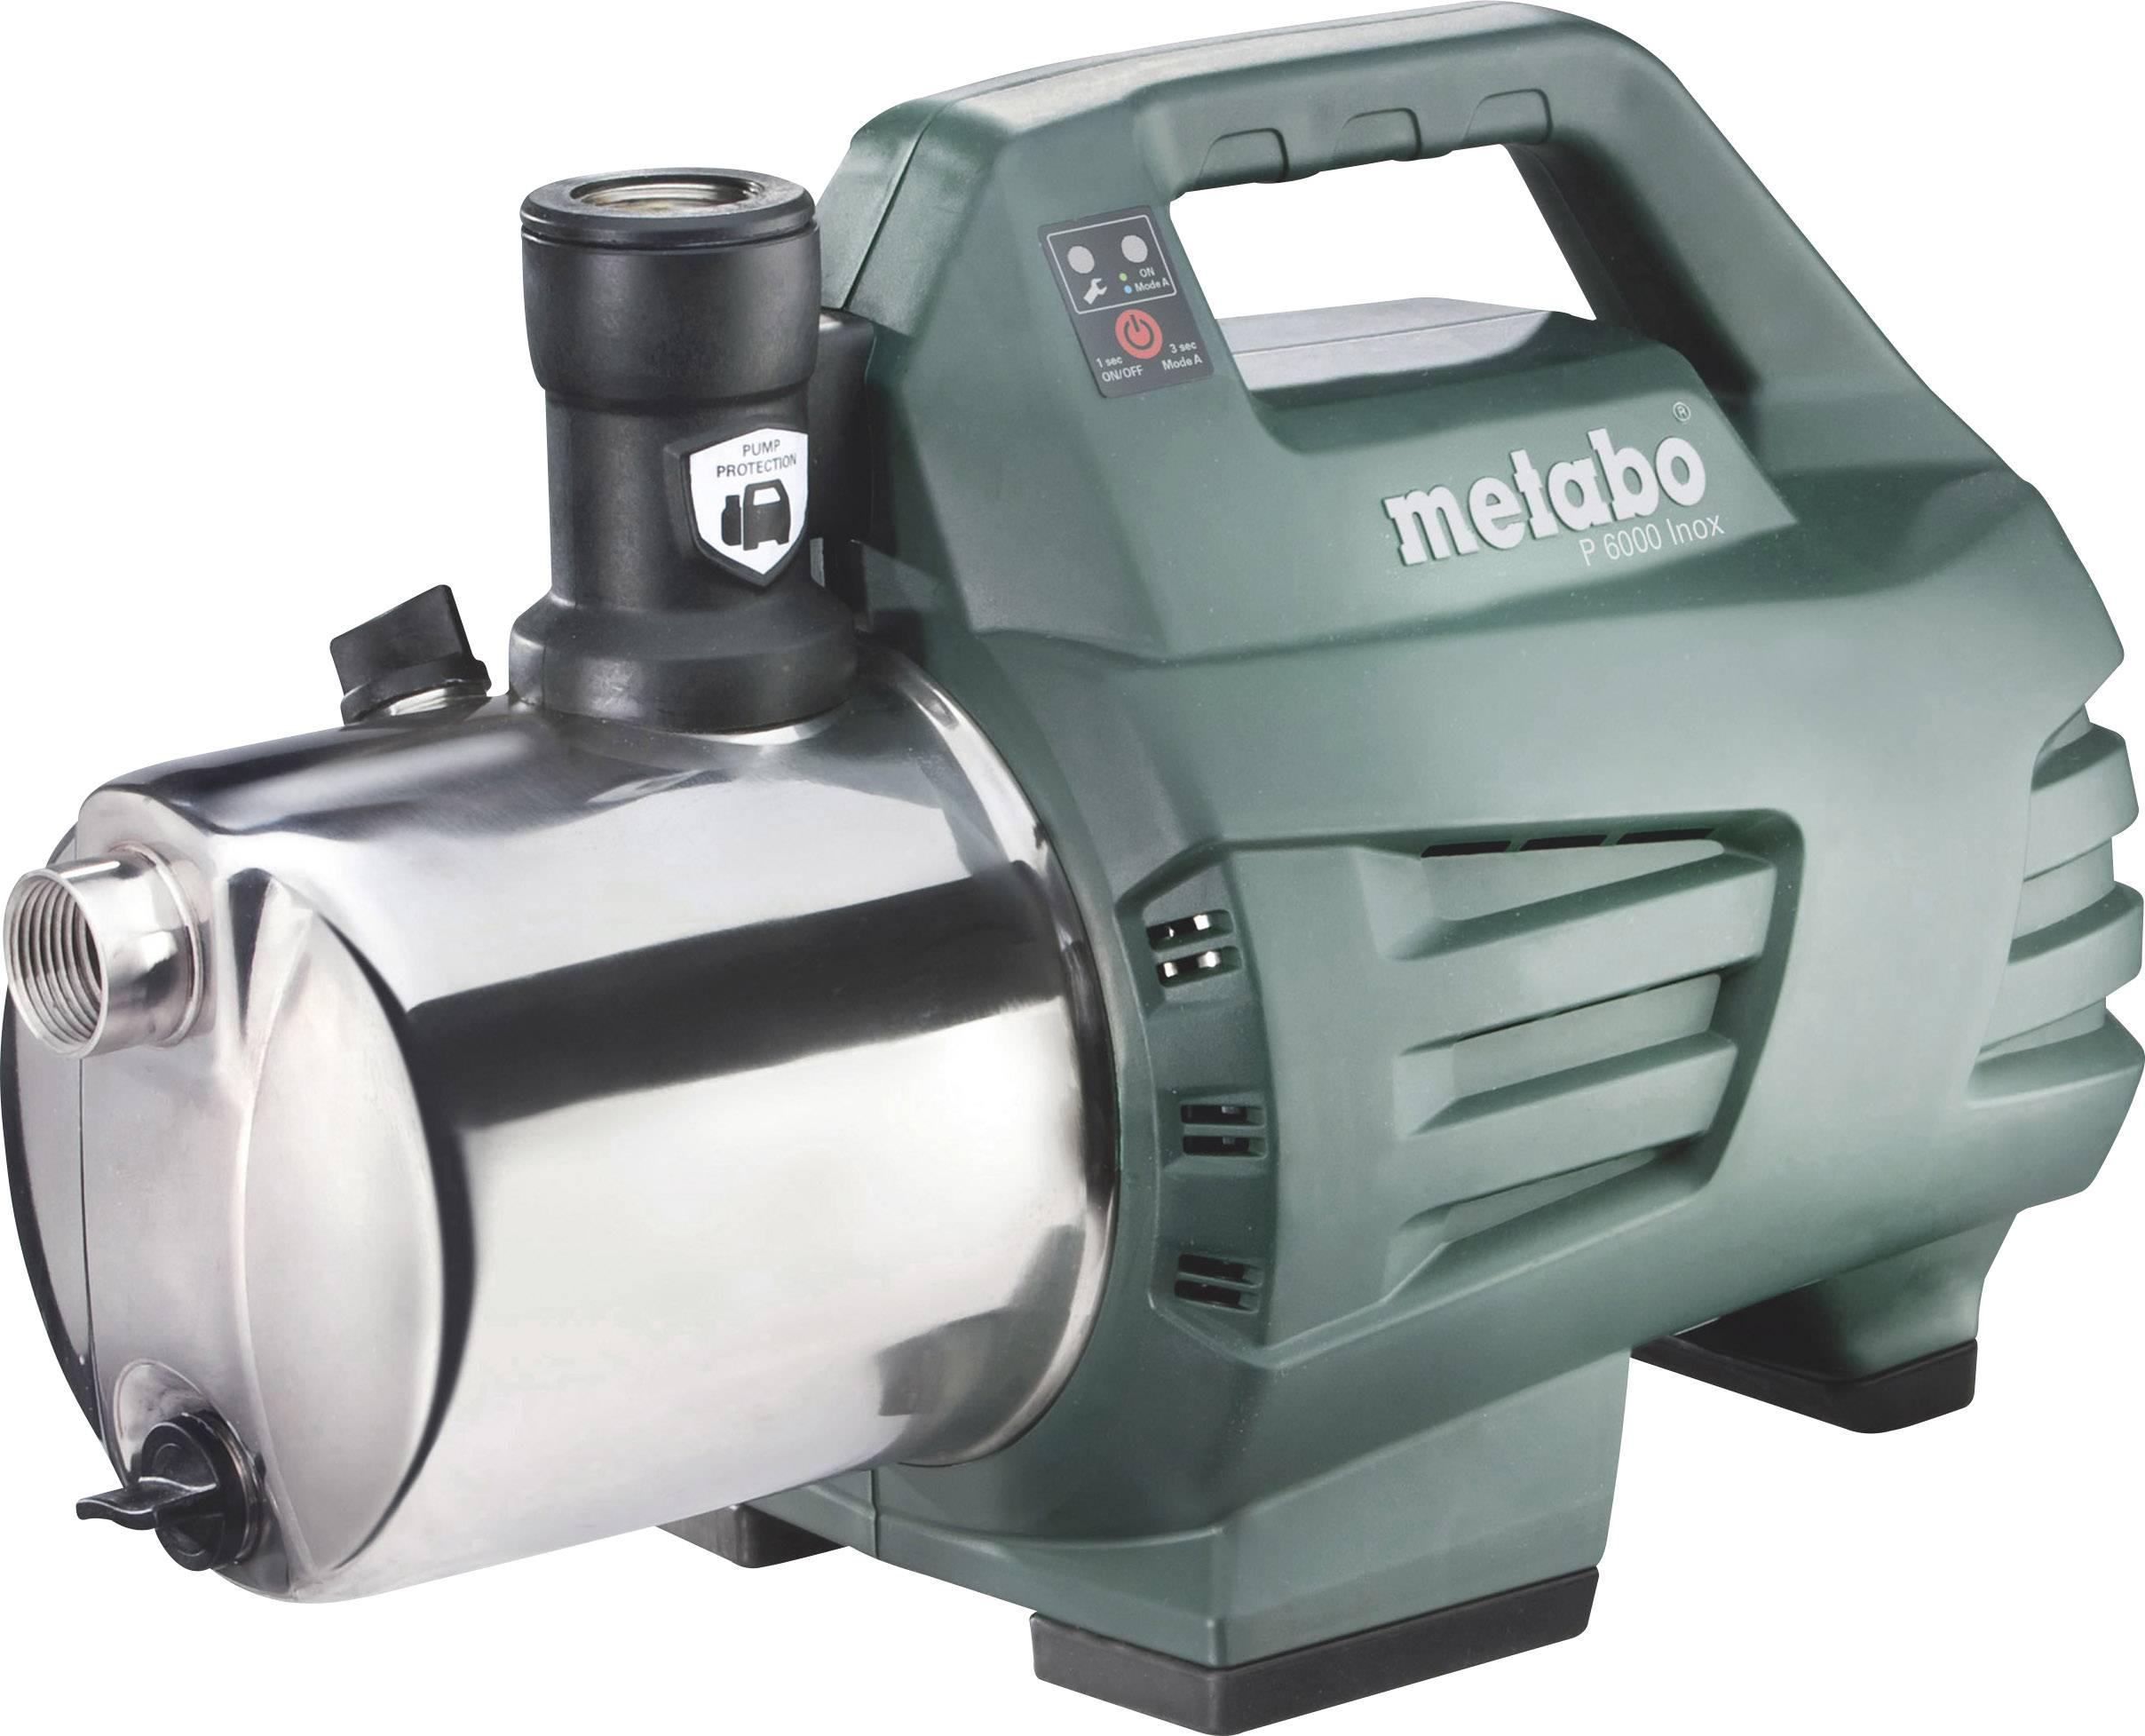 Zahradní čerpadlo Metabo P 6000 INOX 600966000, 6000 l/h, 55 m, 1300 W